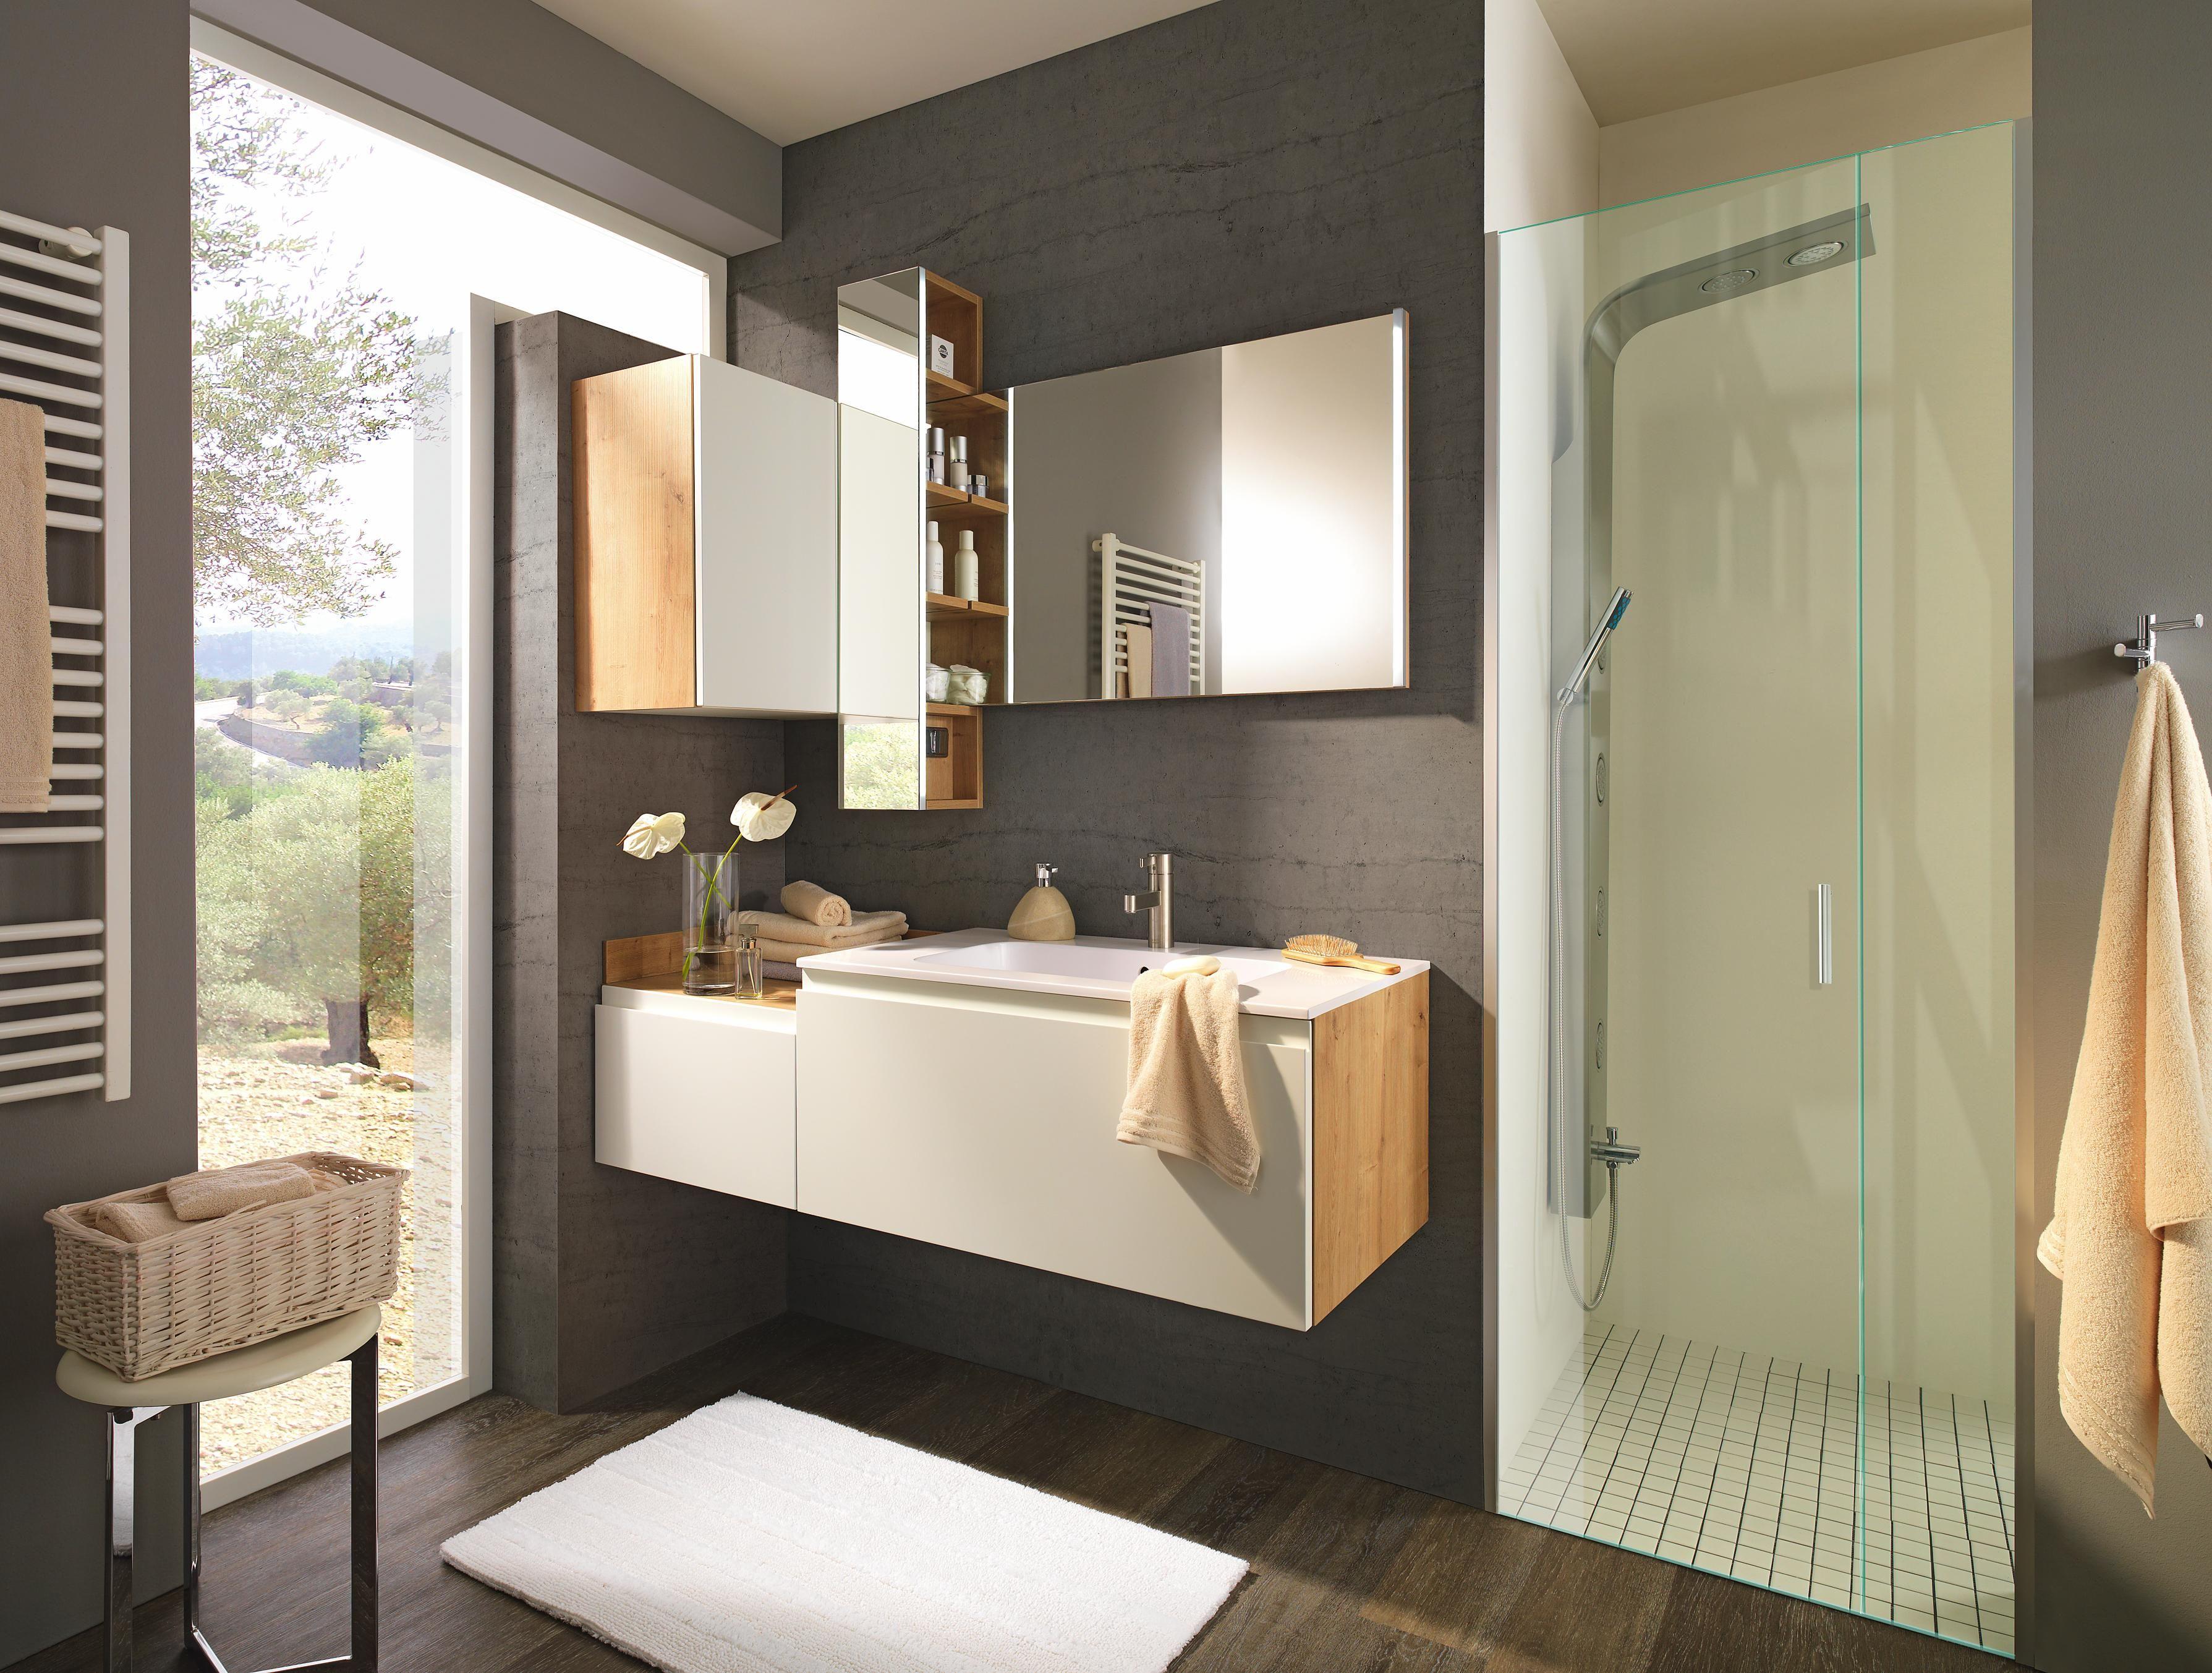 hochwertiges und edles badezimmer von dieter knoll | badezimmer